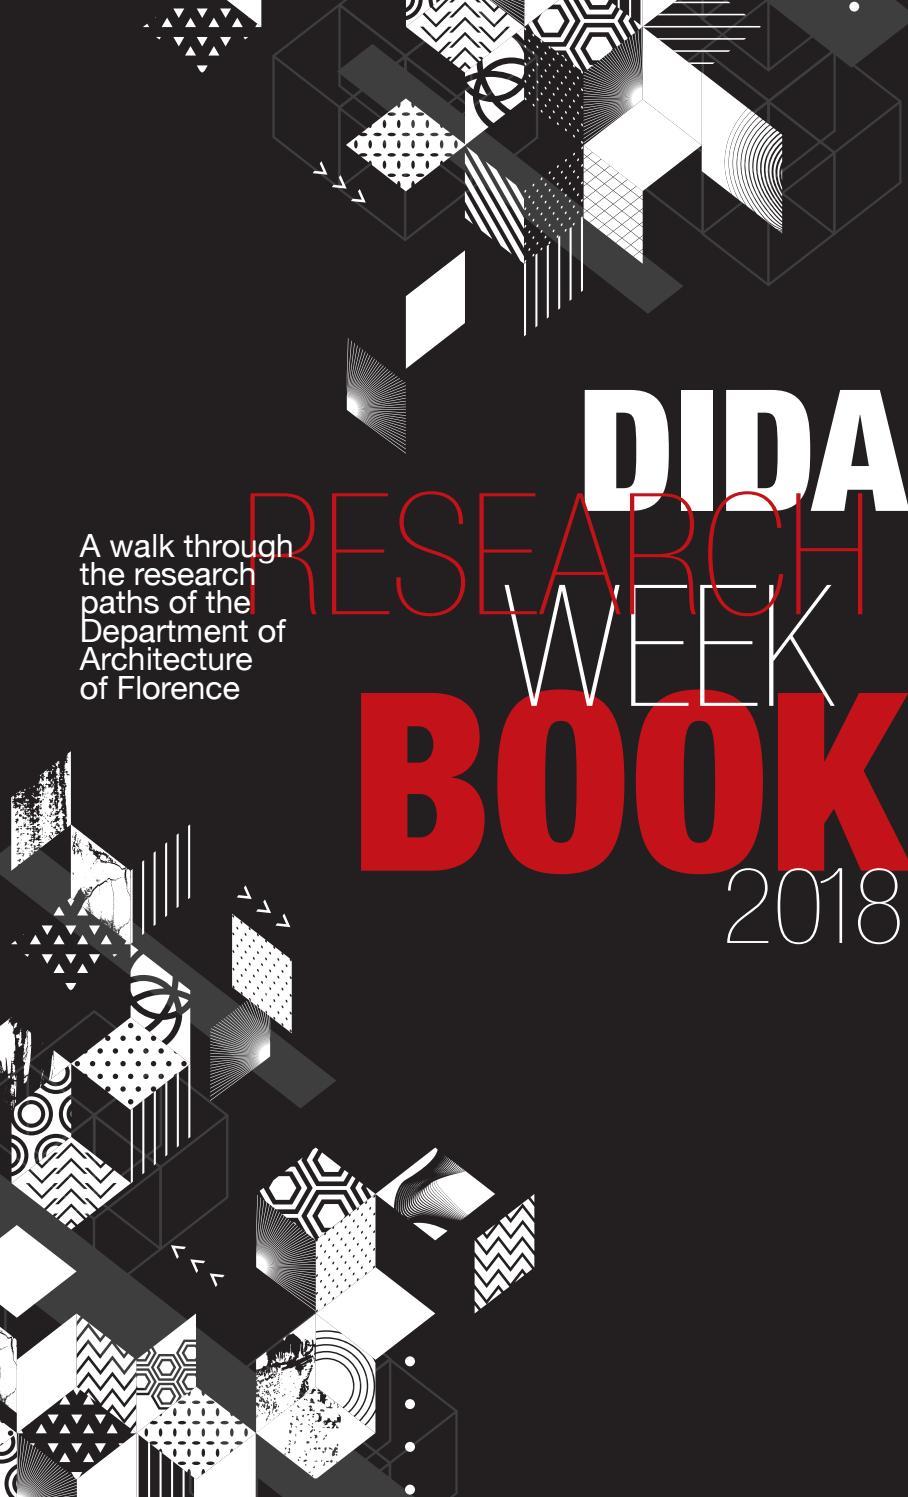 Affidatemi le vostre idee e costruisco con voi un progetto d'arredo su misura: Dida Research Week Book By Dida Issuu